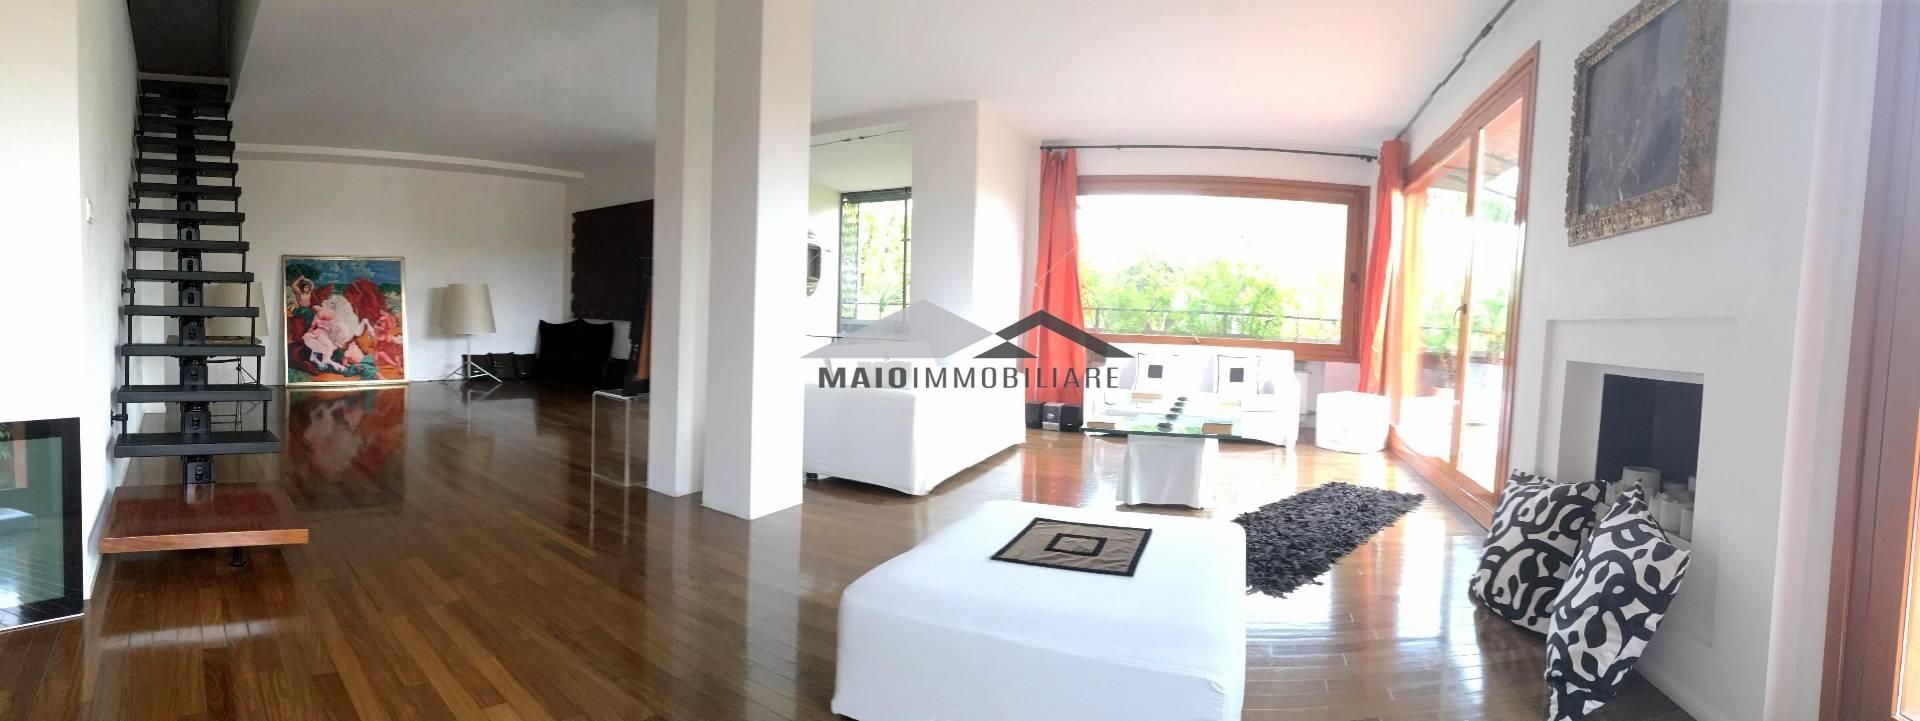 Appartamento in vendita a Riccione, 4 locali, zona Località: ABISSINIA, Trattative riservate | Cambio Casa.it